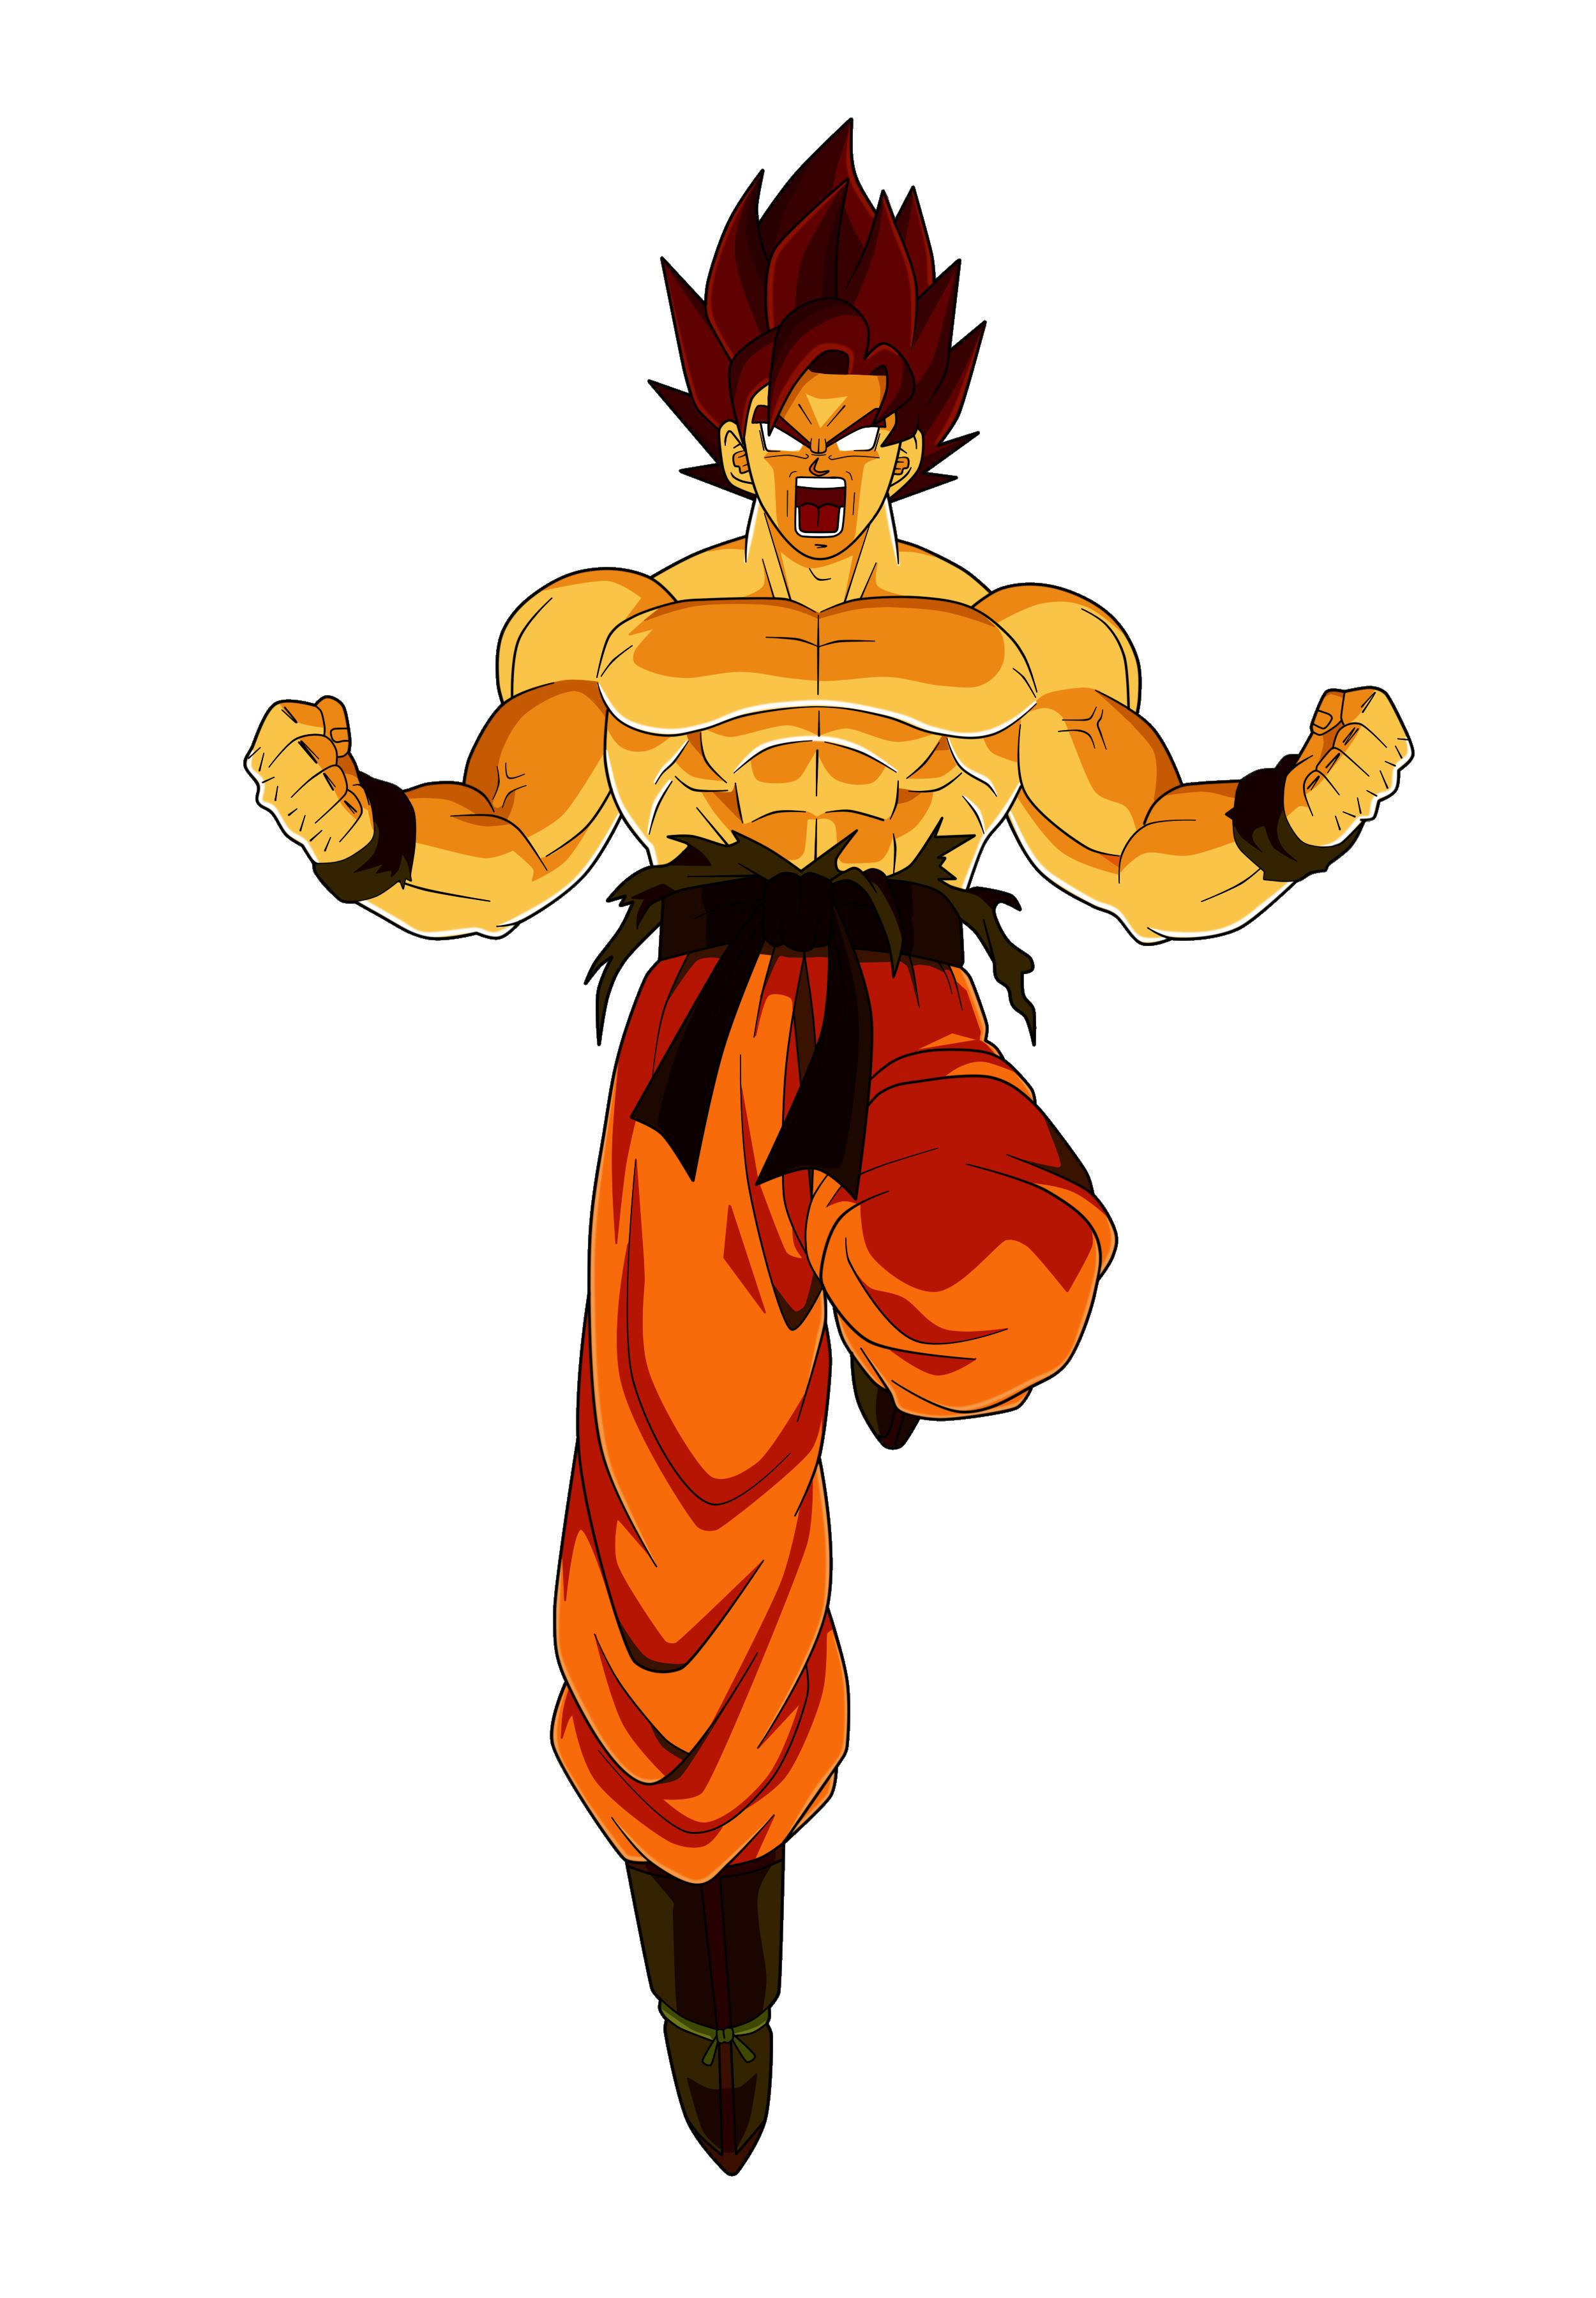 Transformaciones De Goku | Dragon Ball | Goku, Super saiyan